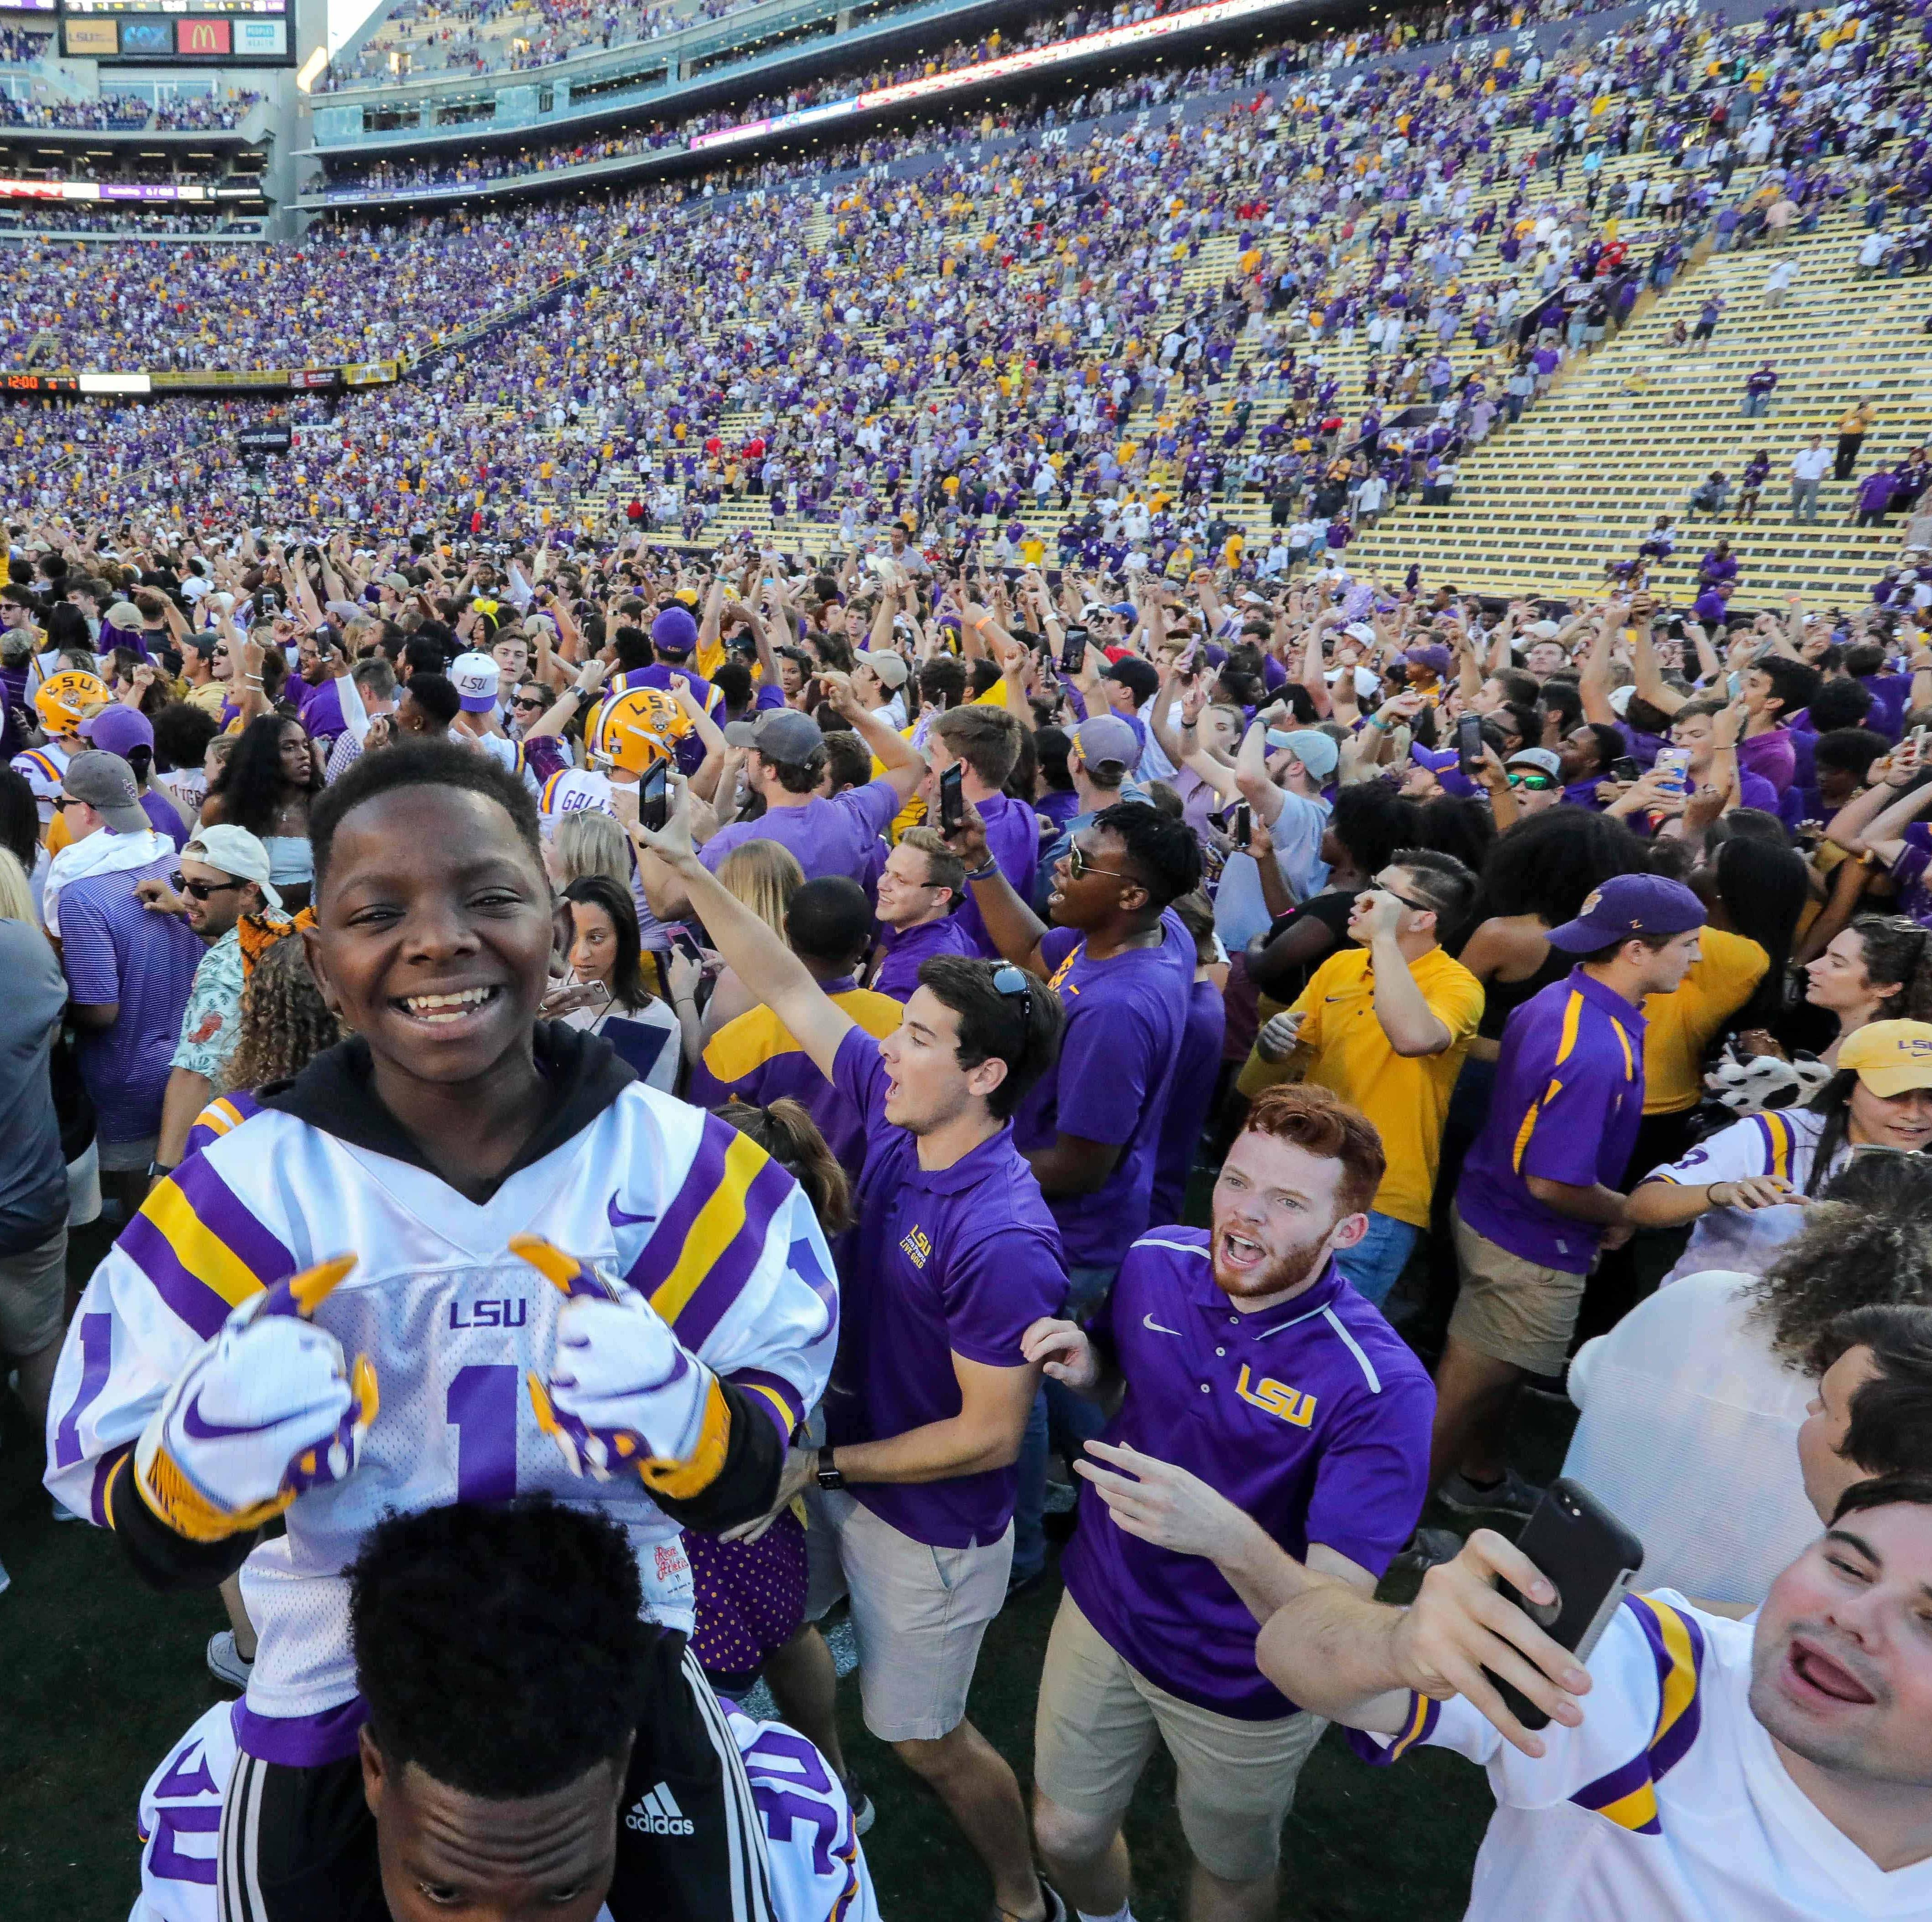 SEC fines LSU $100,000 after fans storm field following Georgia win